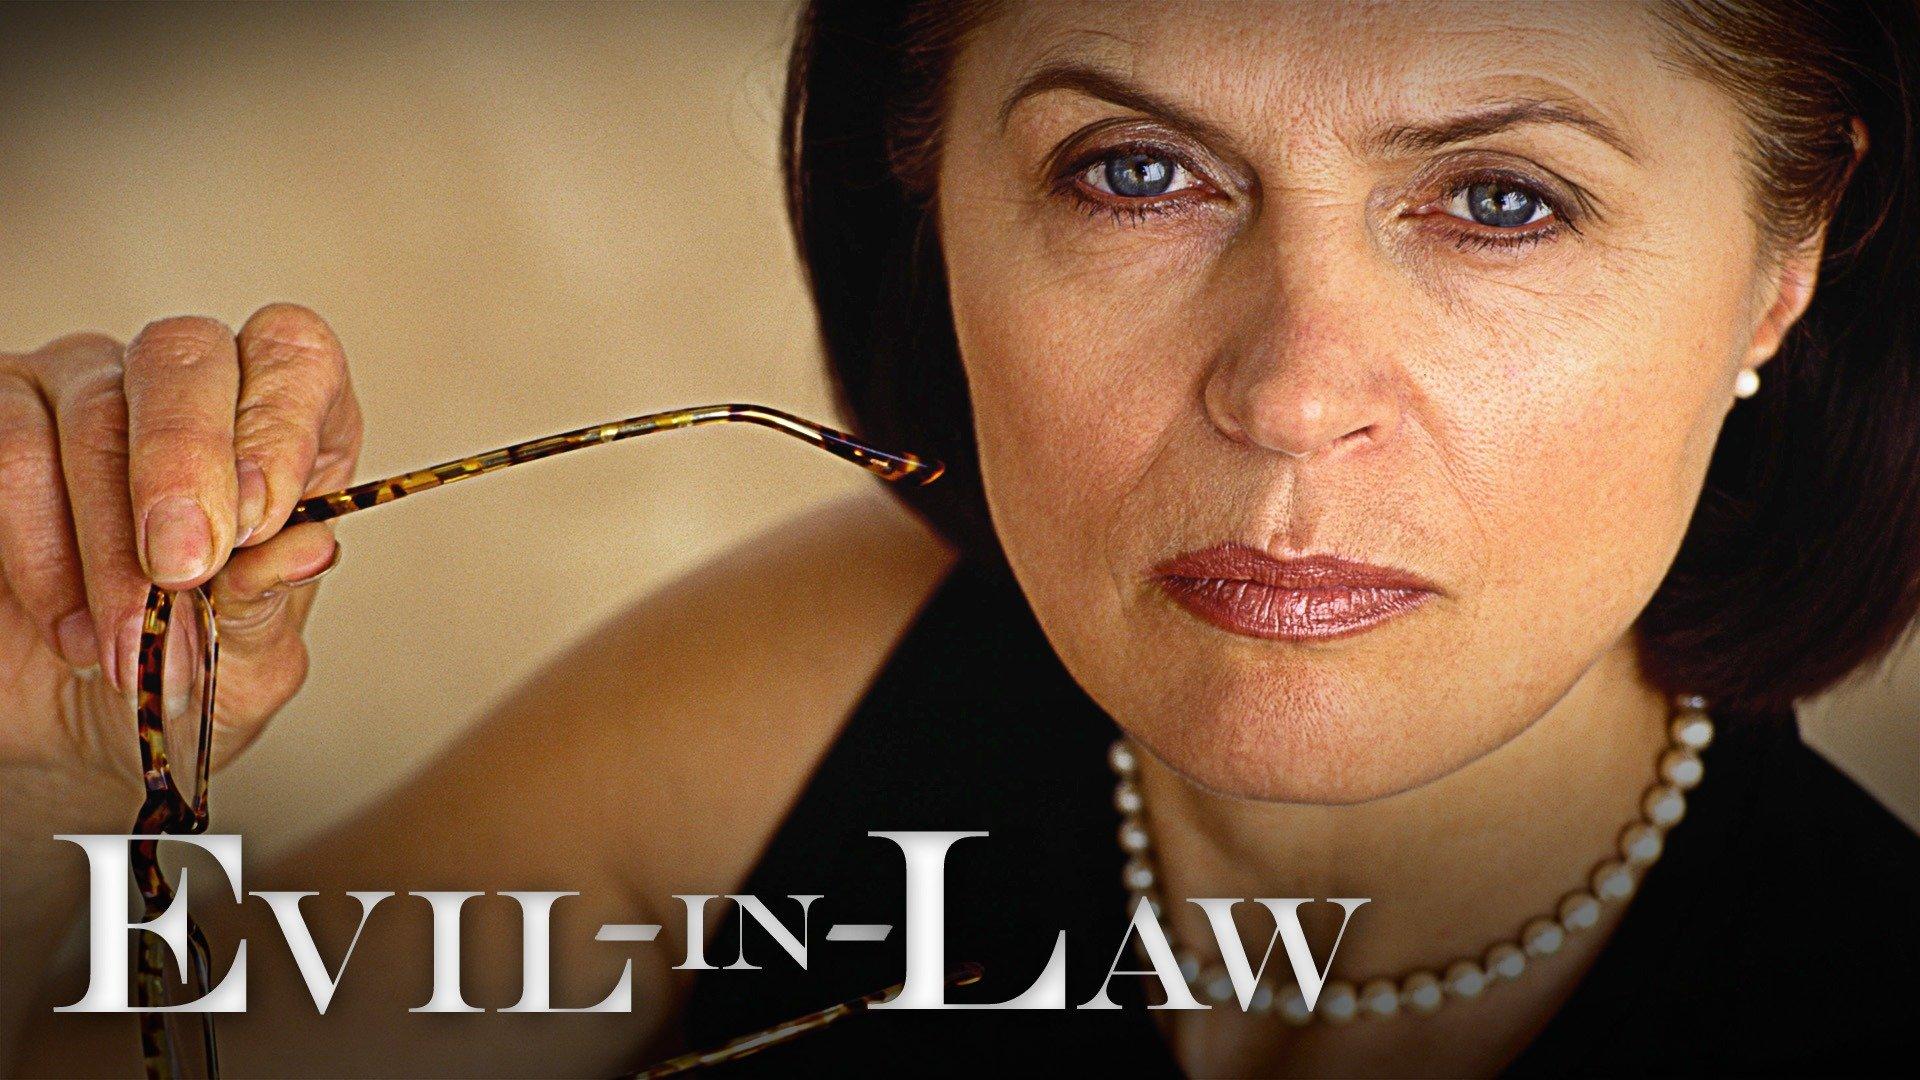 Evil In-Law